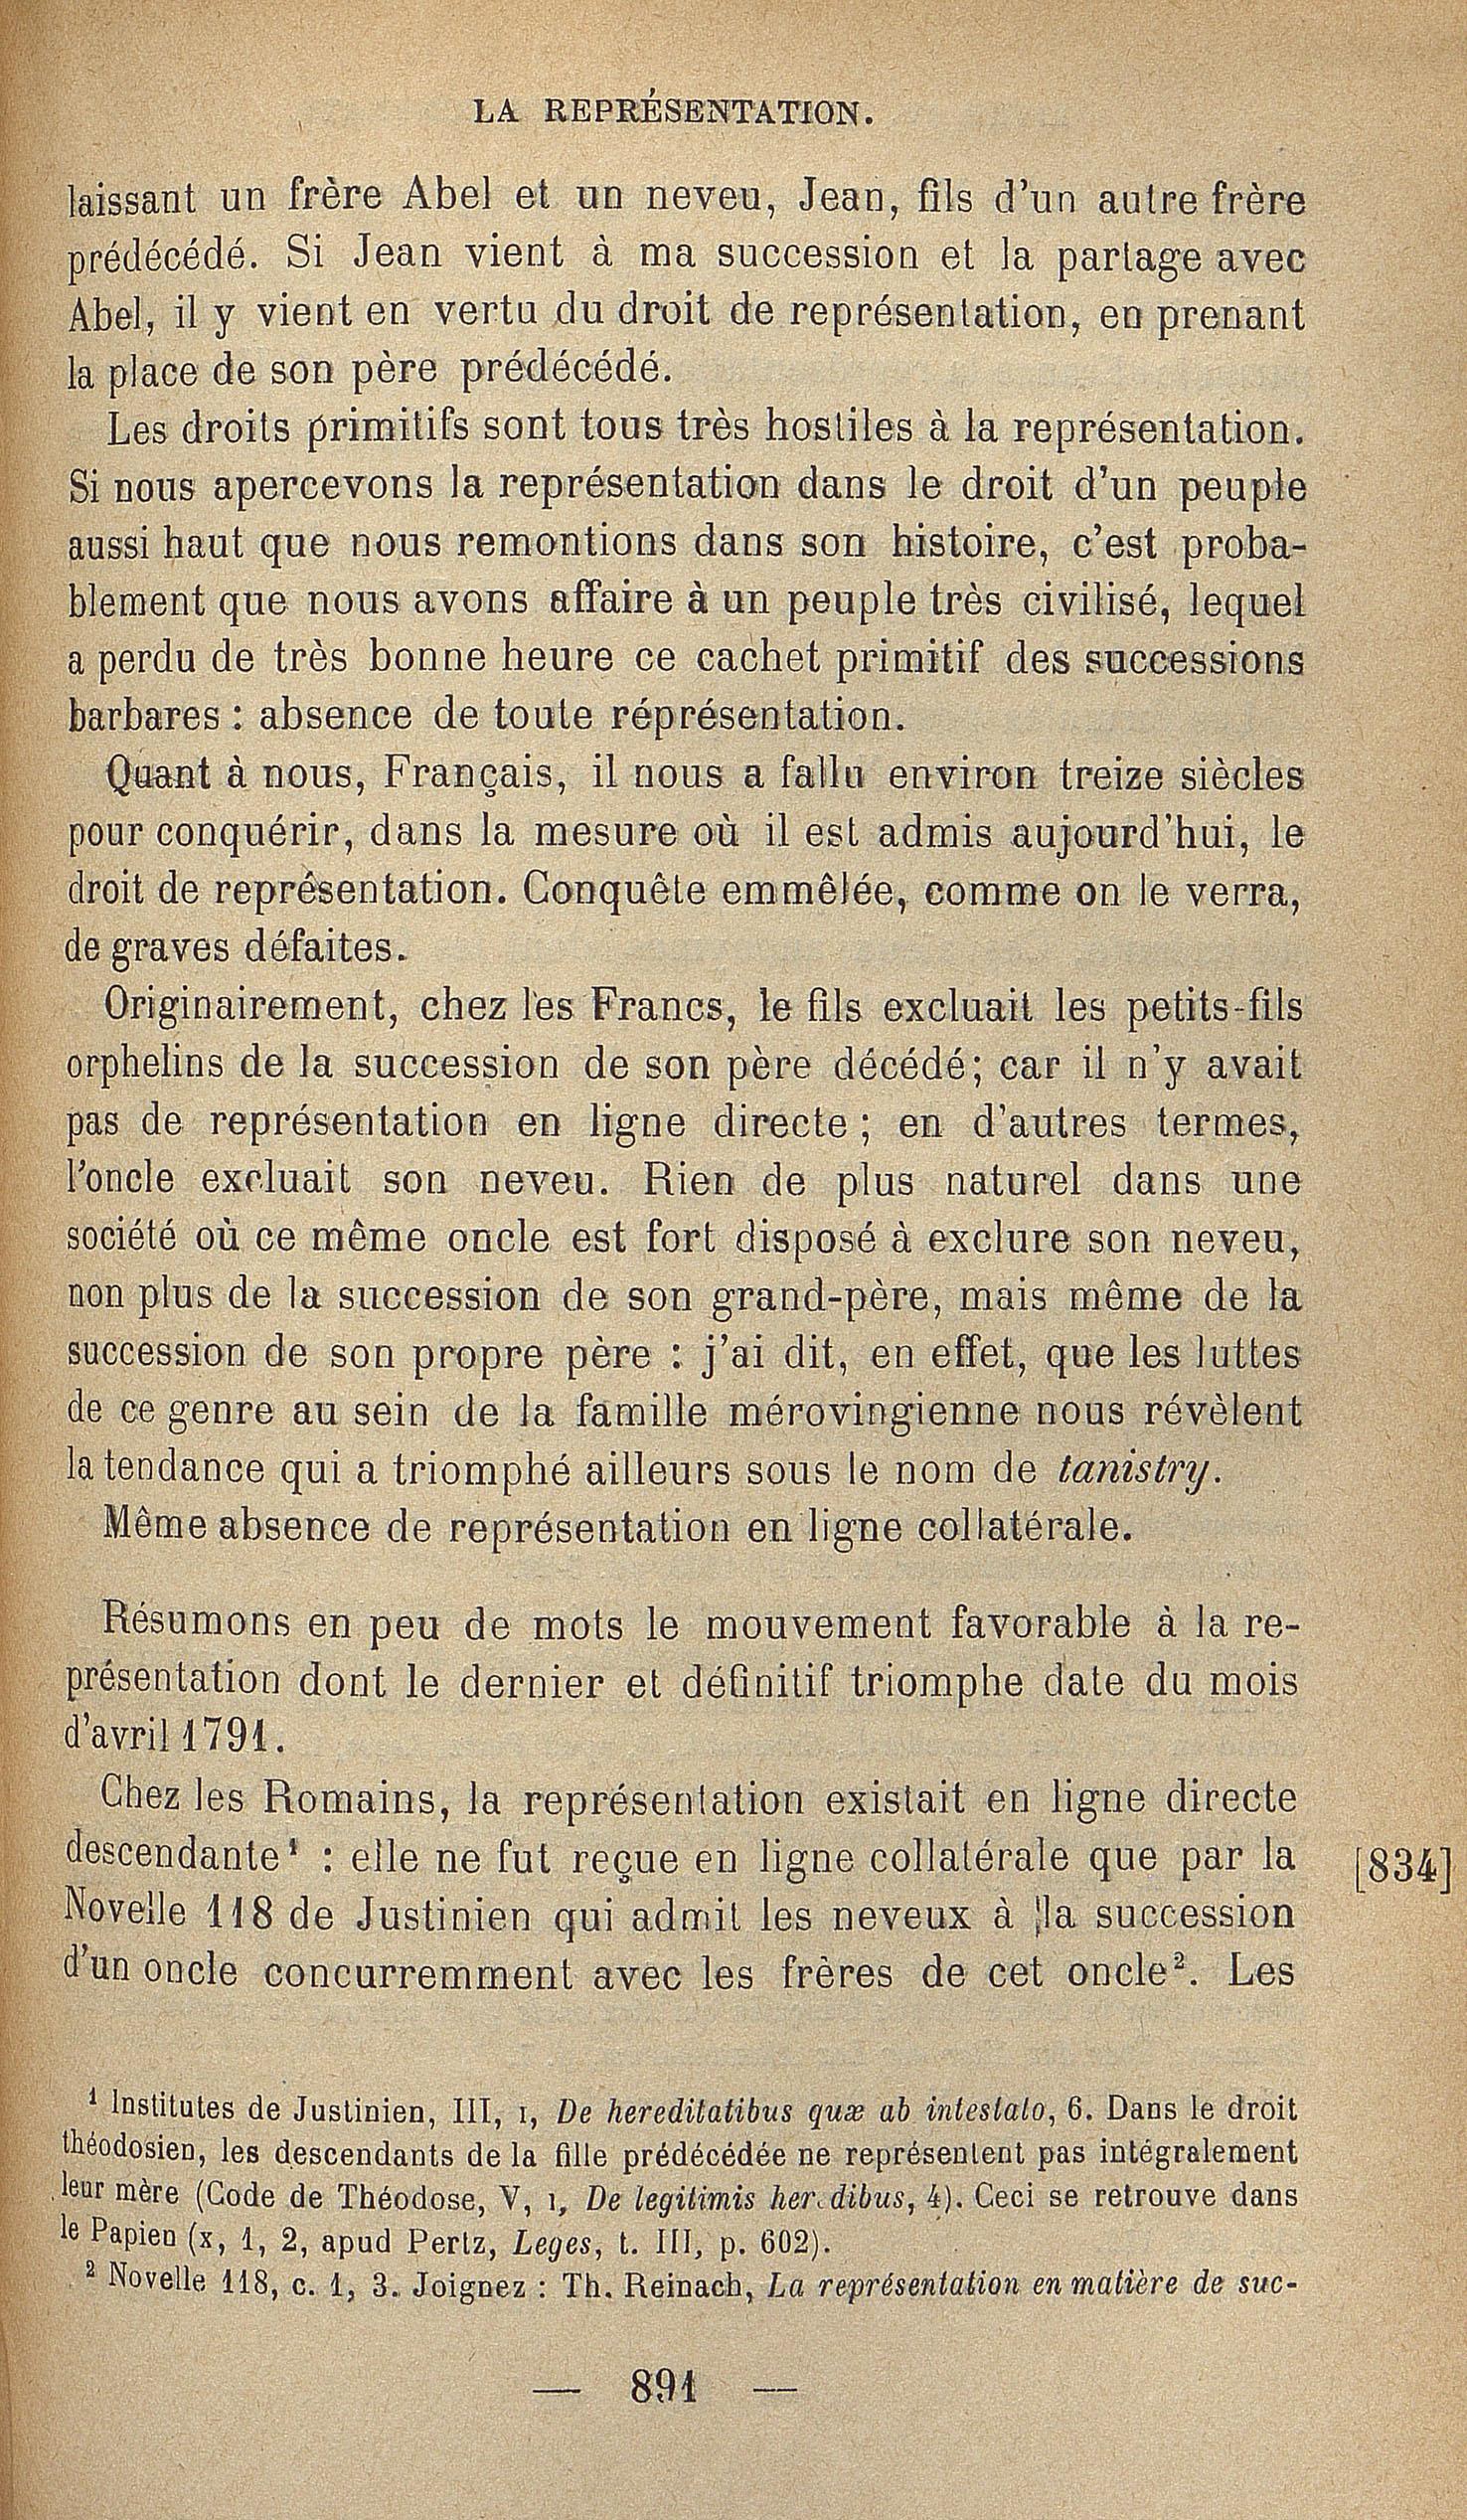 http://expo-paulviollet.univ-paris1.fr/wp-content/uploads/2016/02/0605121670_0901.jpg